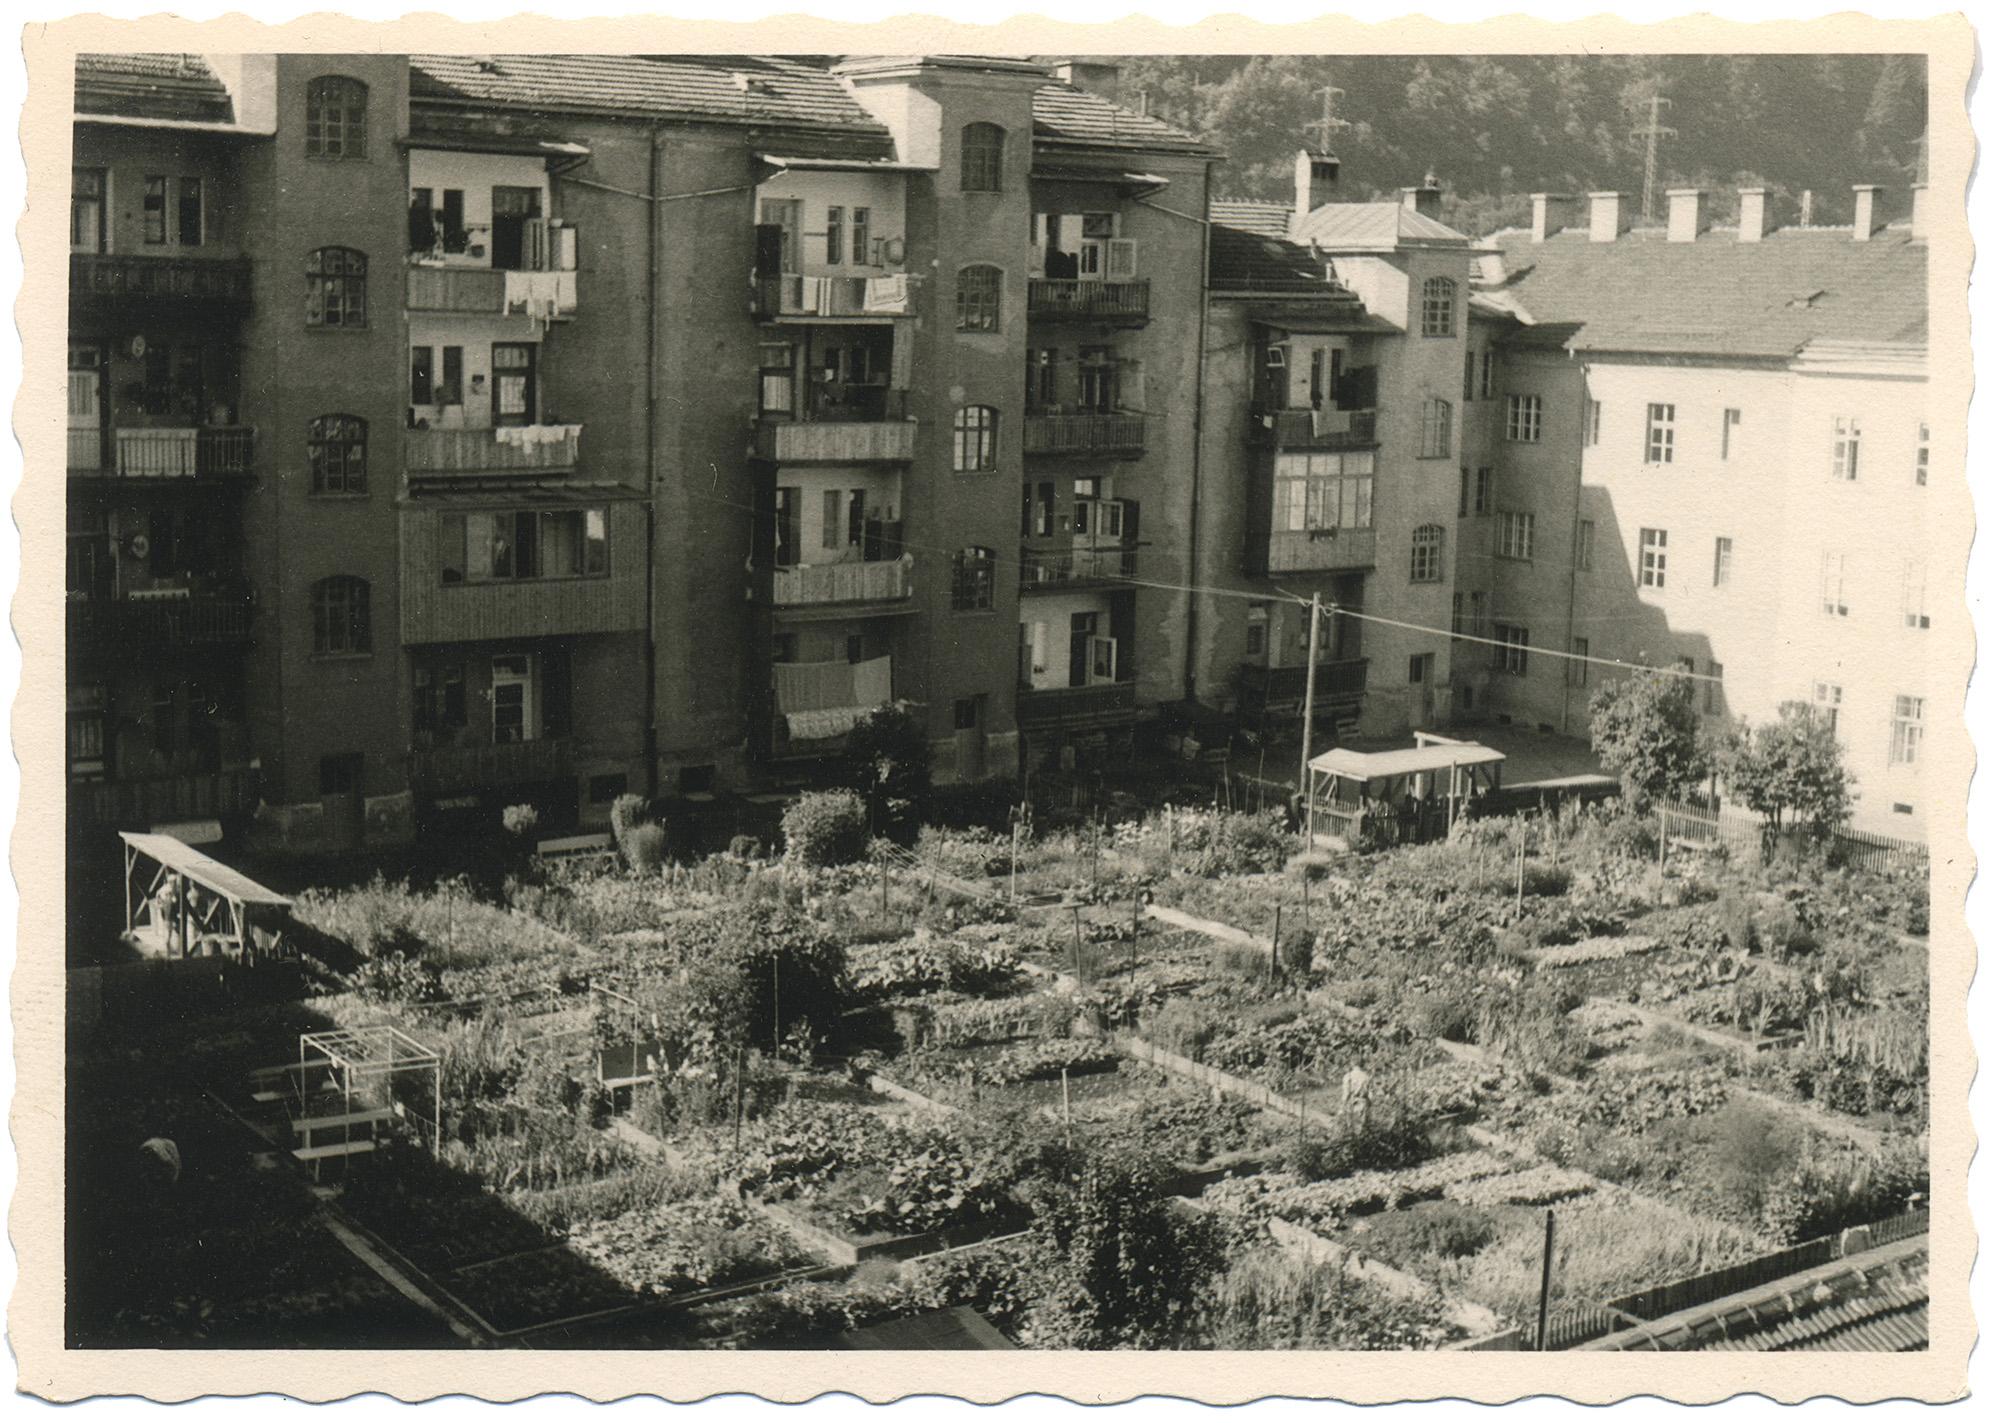 Urban Gardening I